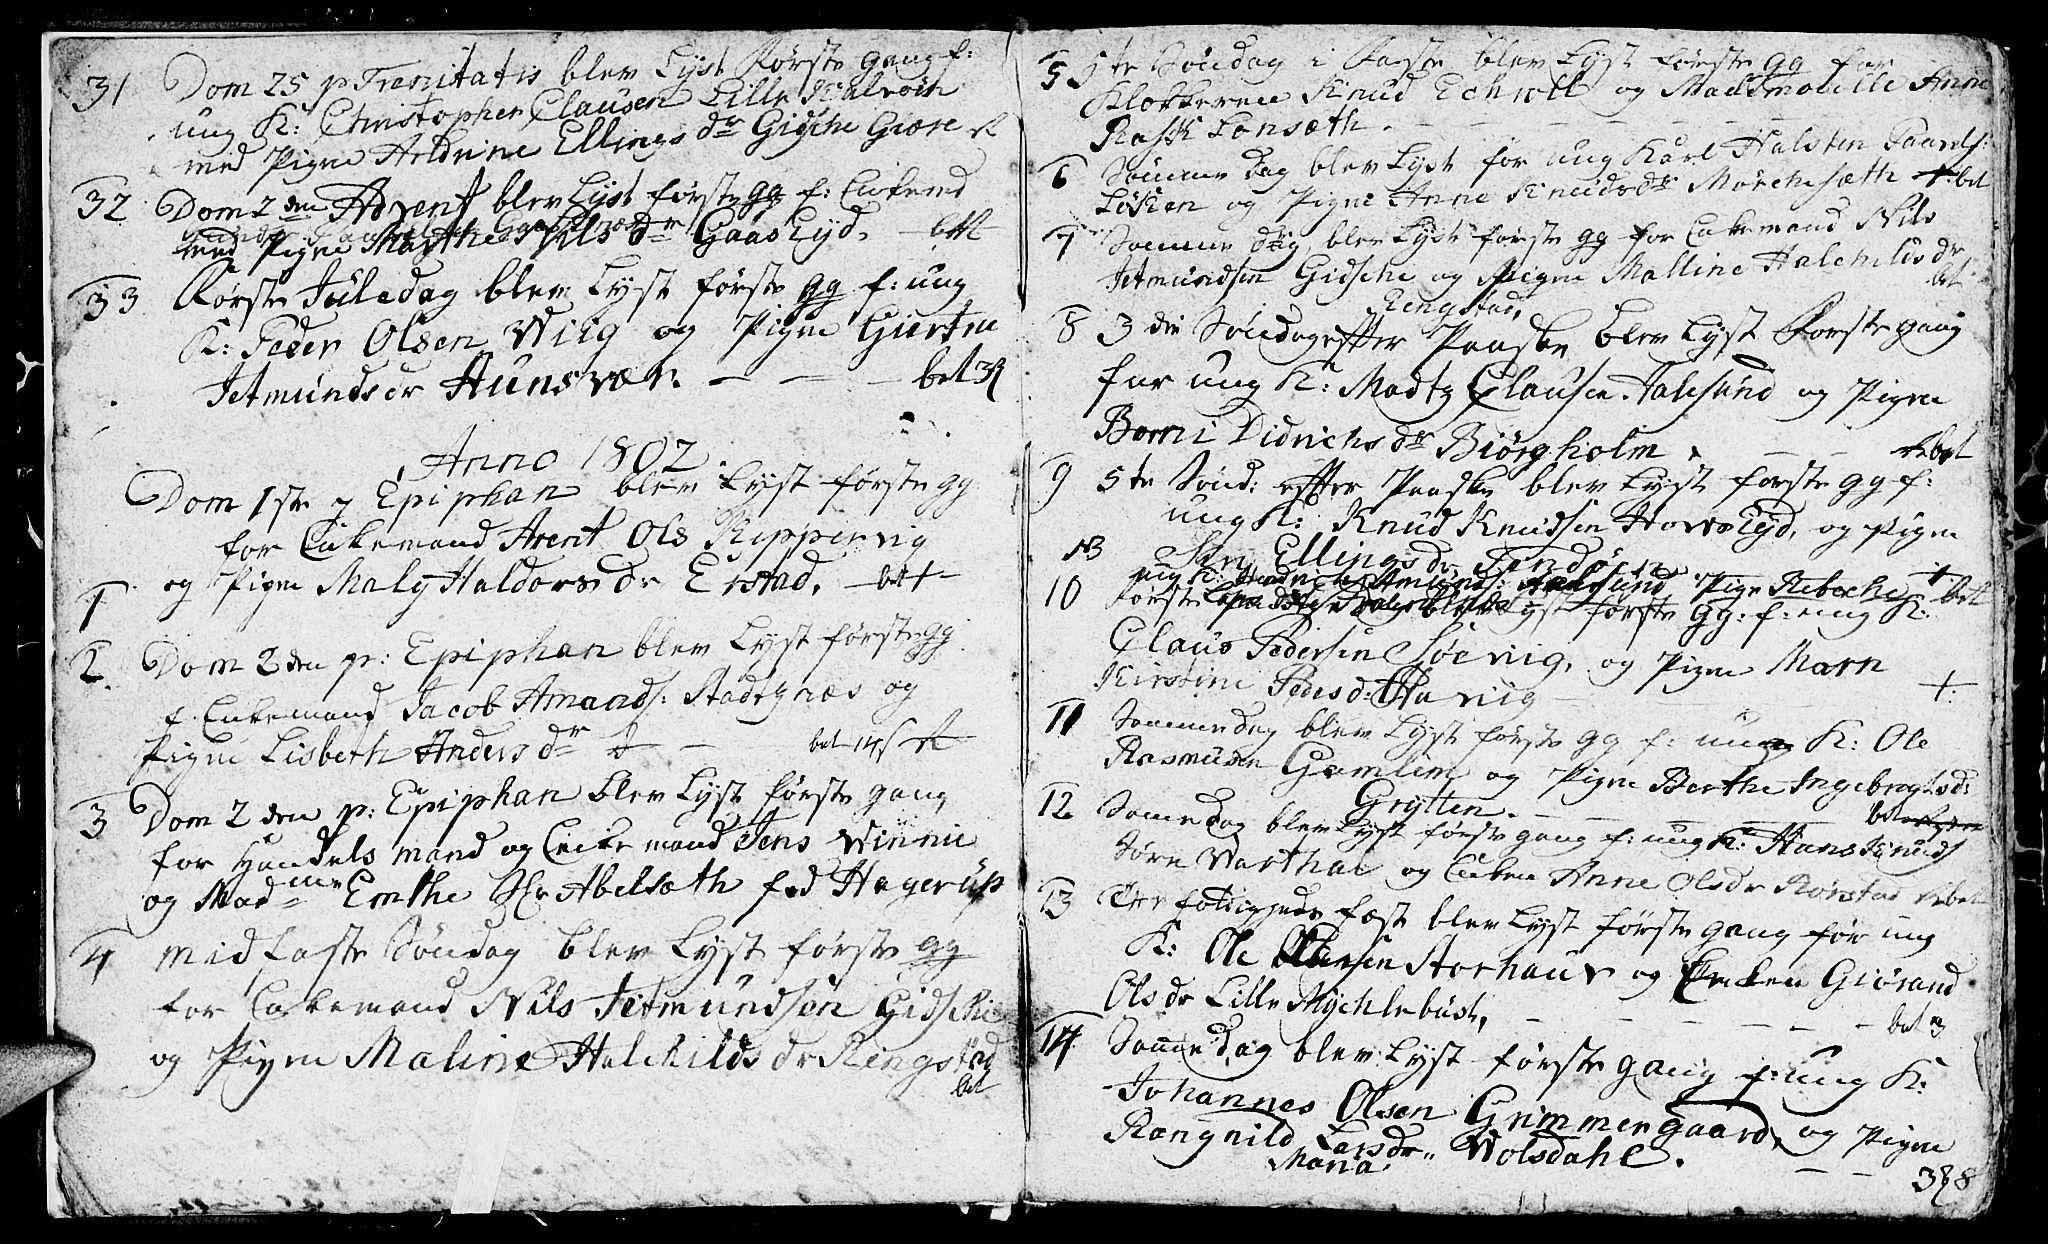 SAT, Ministerialprotokoller, klokkerbøker og fødselsregistre - Møre og Romsdal, 528/L0422: Klokkerbok nr. 528C03, 1801-1825